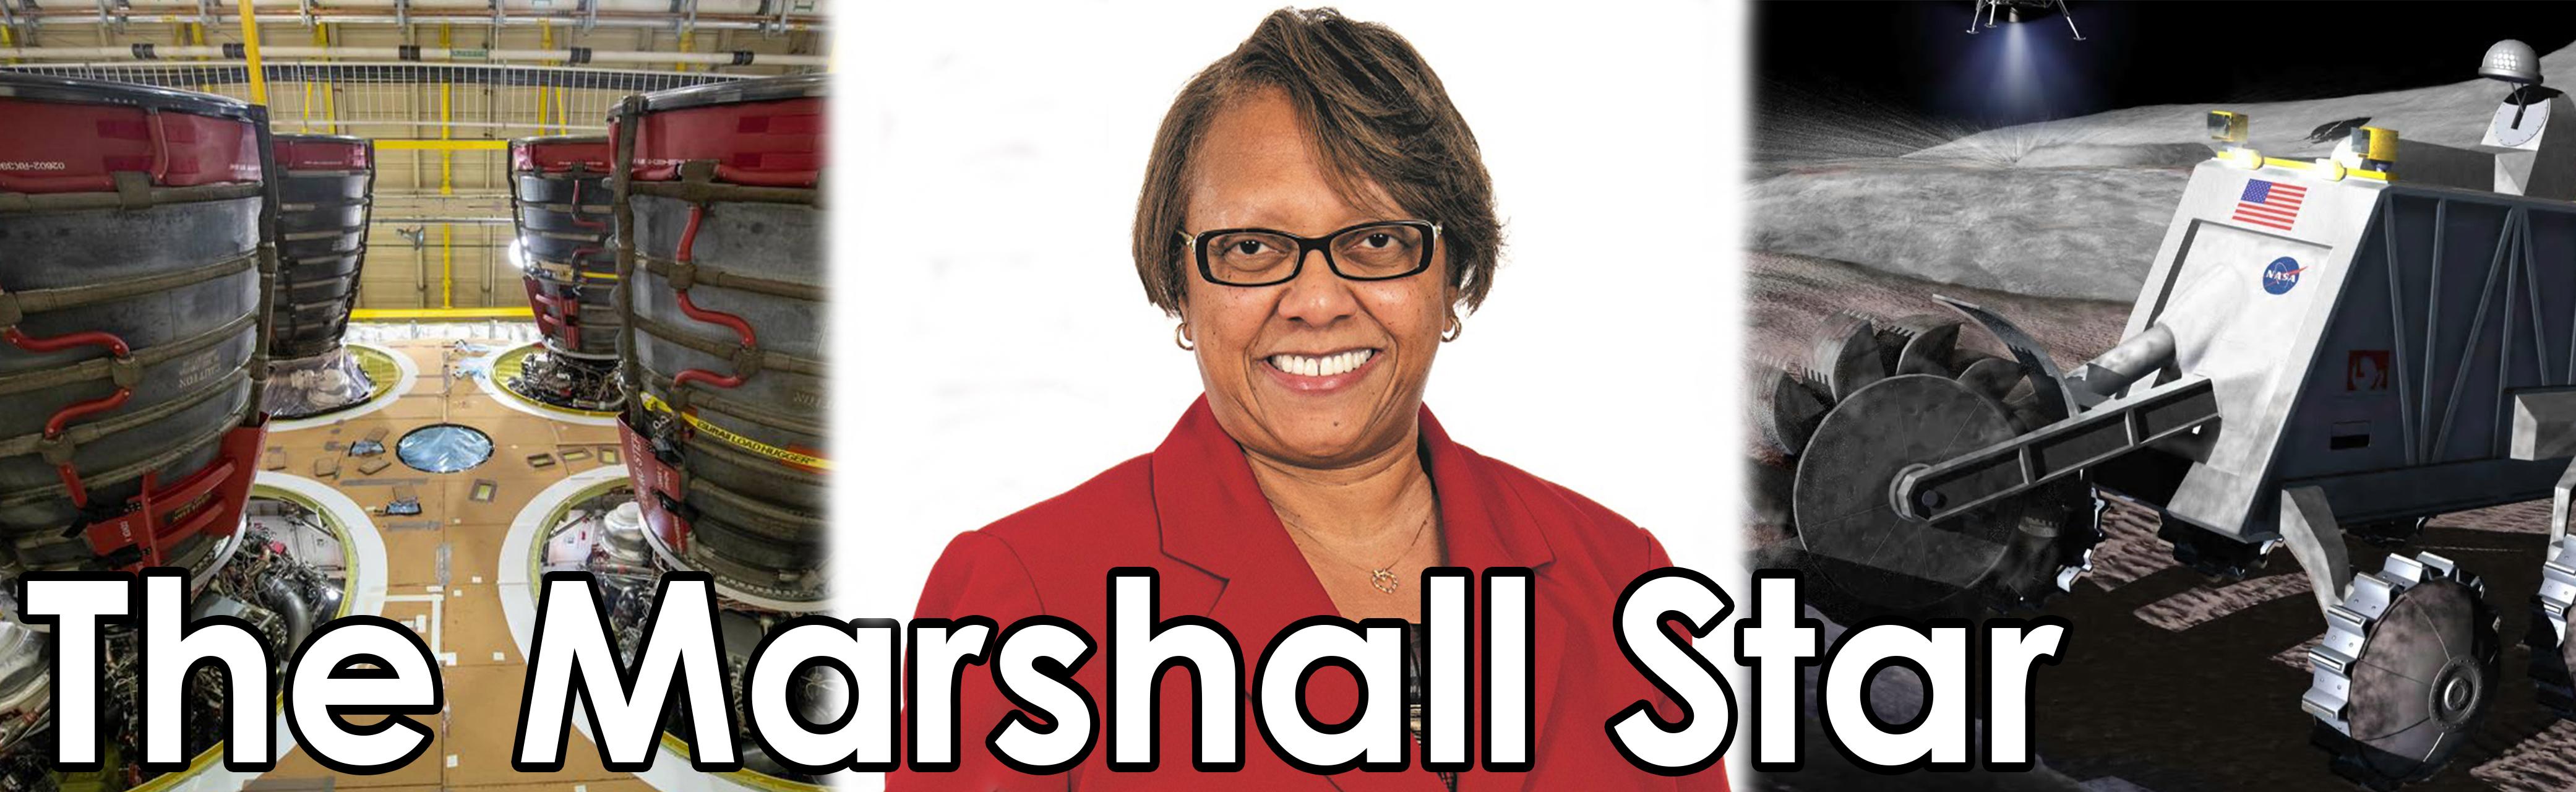 https://www.nasa.gov/sites/default/files/thumbnails/image/marshall_star_banner_200506.jpg